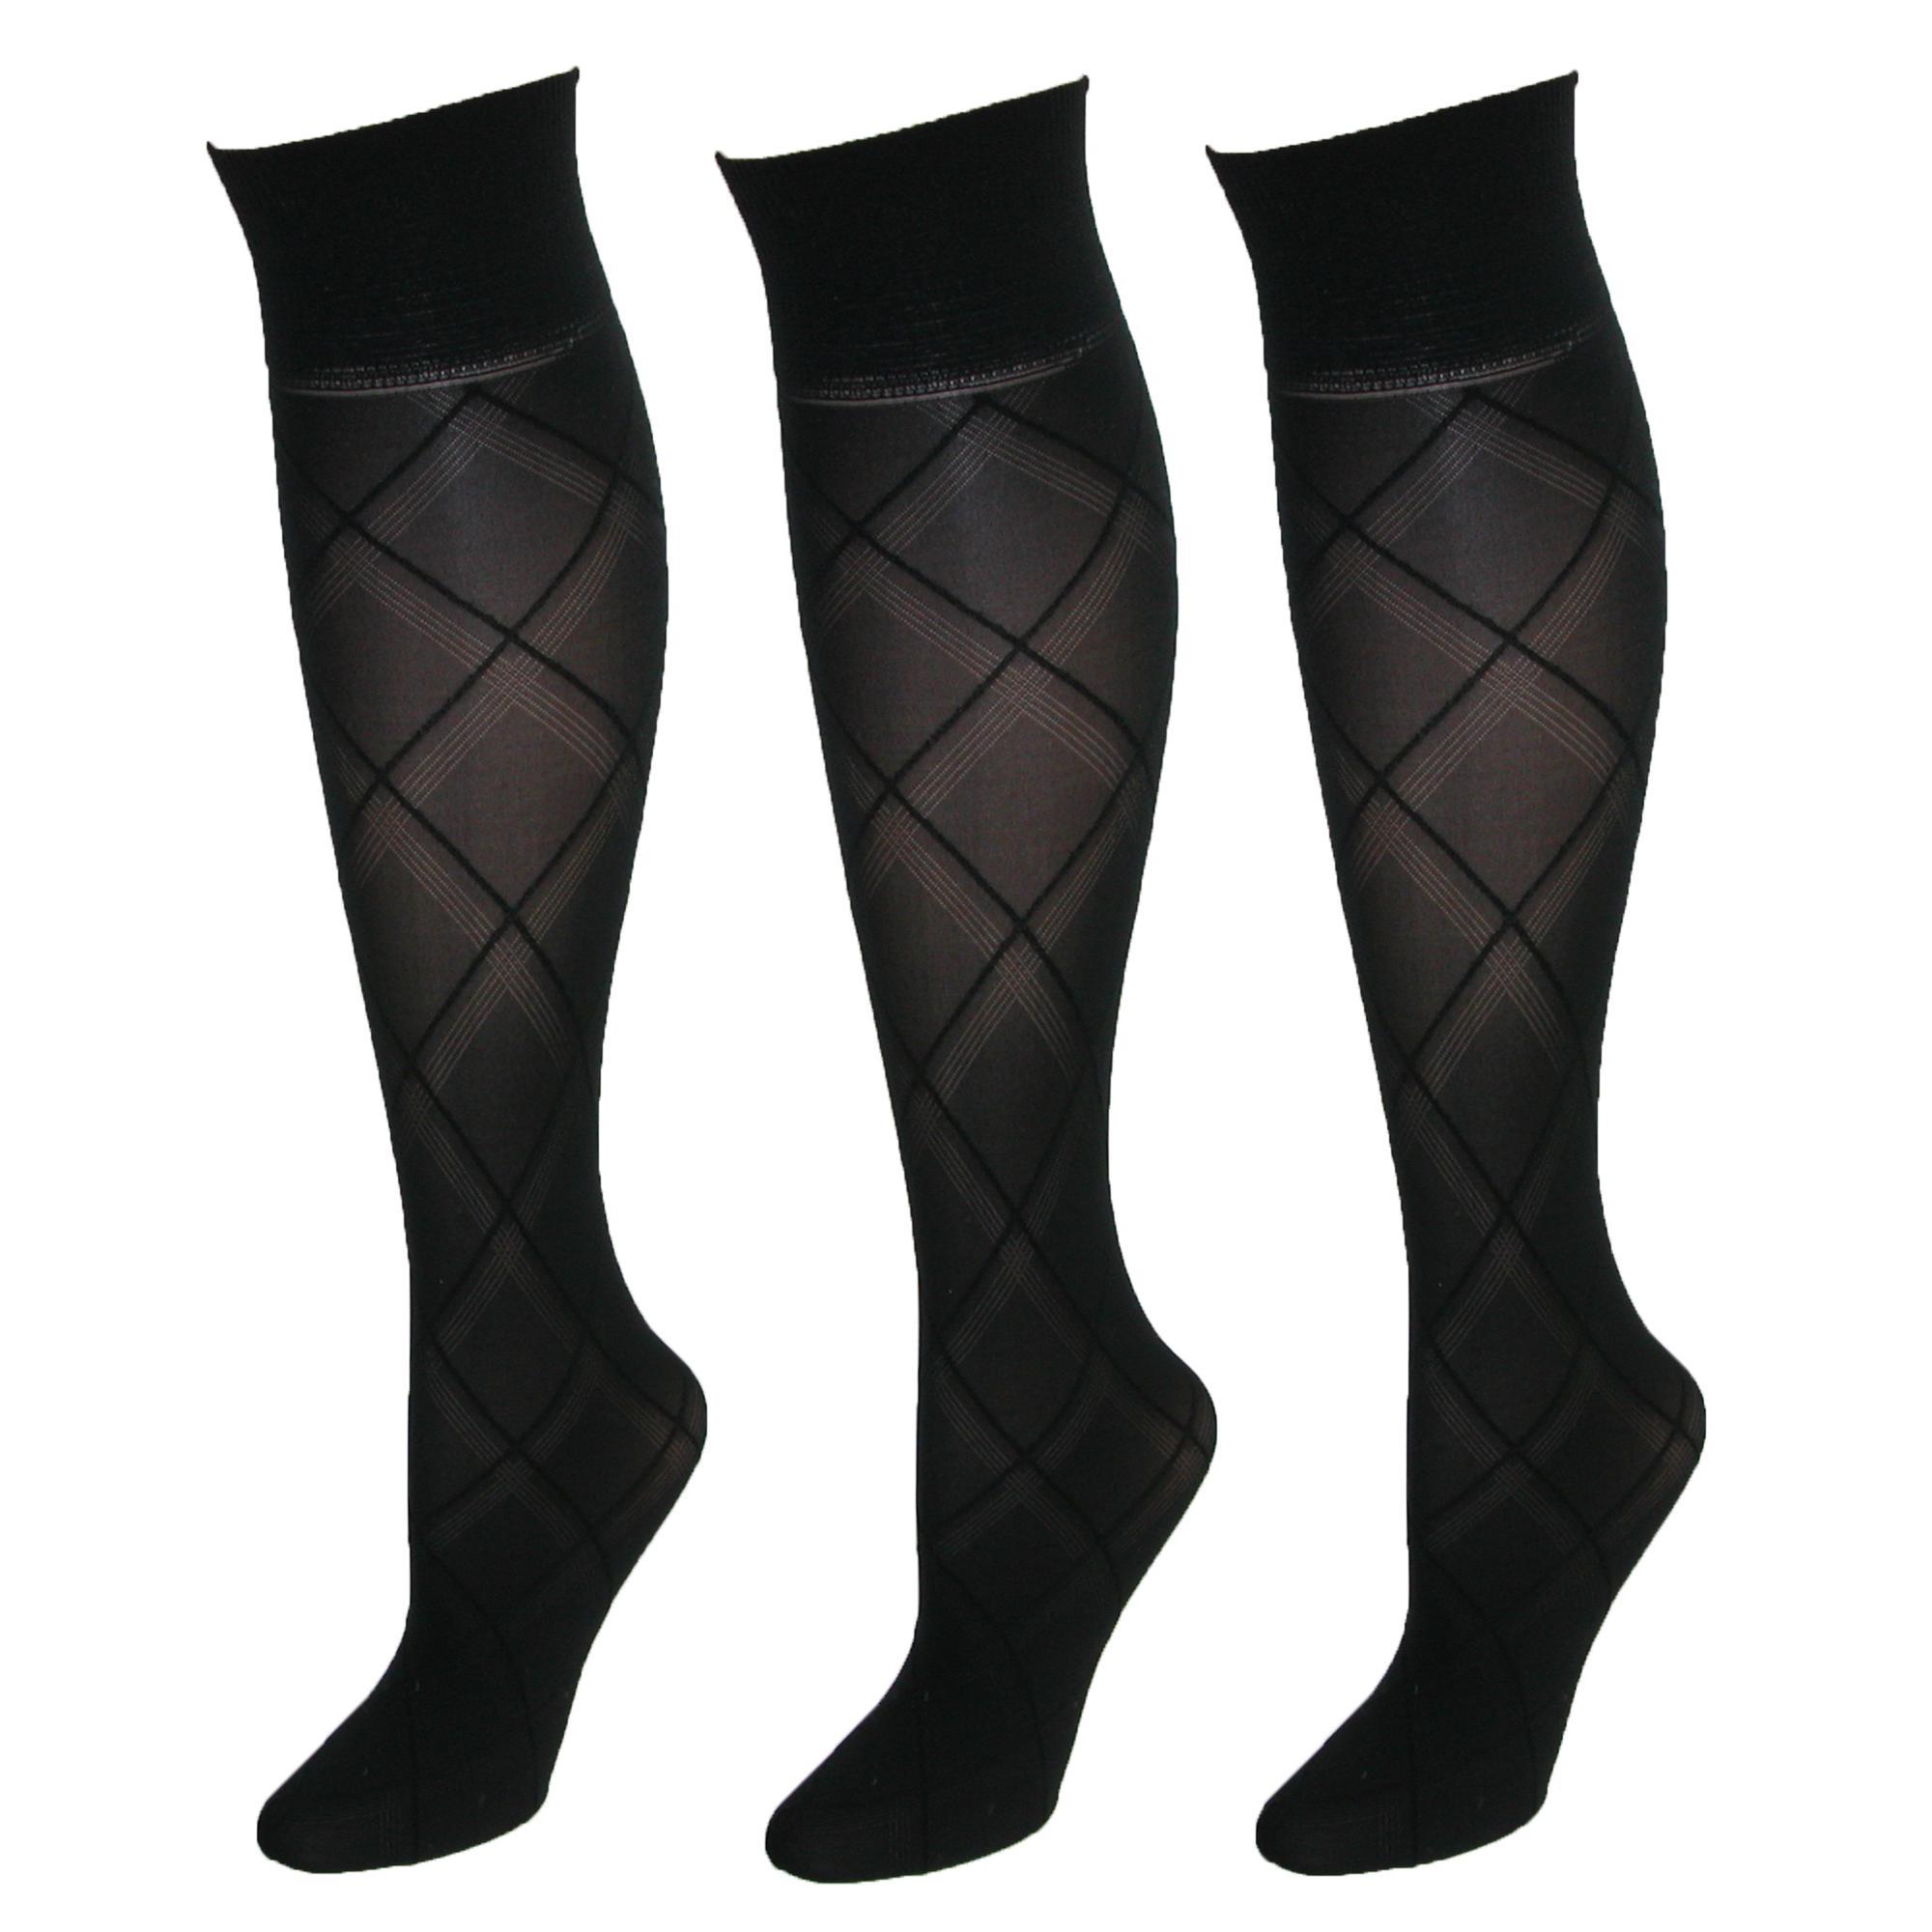 Gold Toe Patterned Knee High Trouser Socks